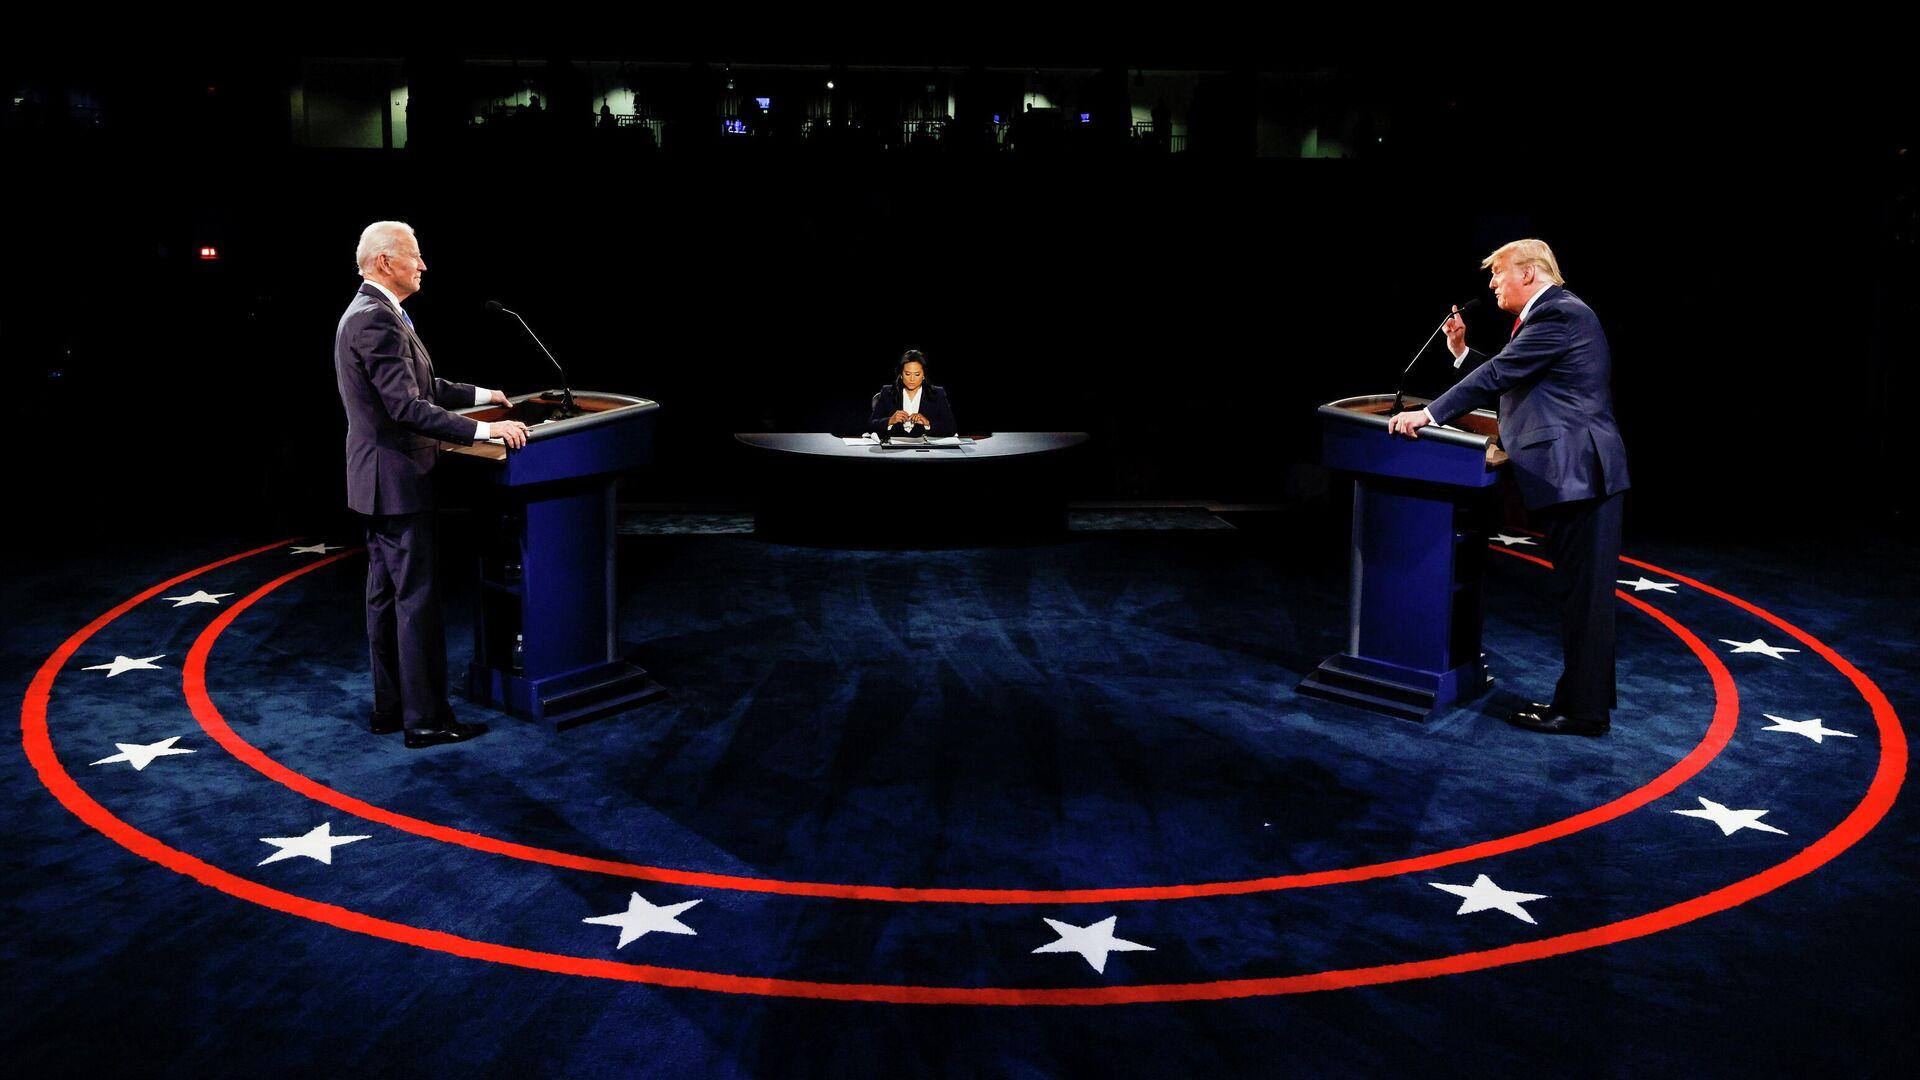 Кандидат в президенты США от Демократической партии Джо Байден и президент США Дональд Трамп во время финальных дебатов в Нэшвилле - РИА Новости, 1920, 29.10.2020